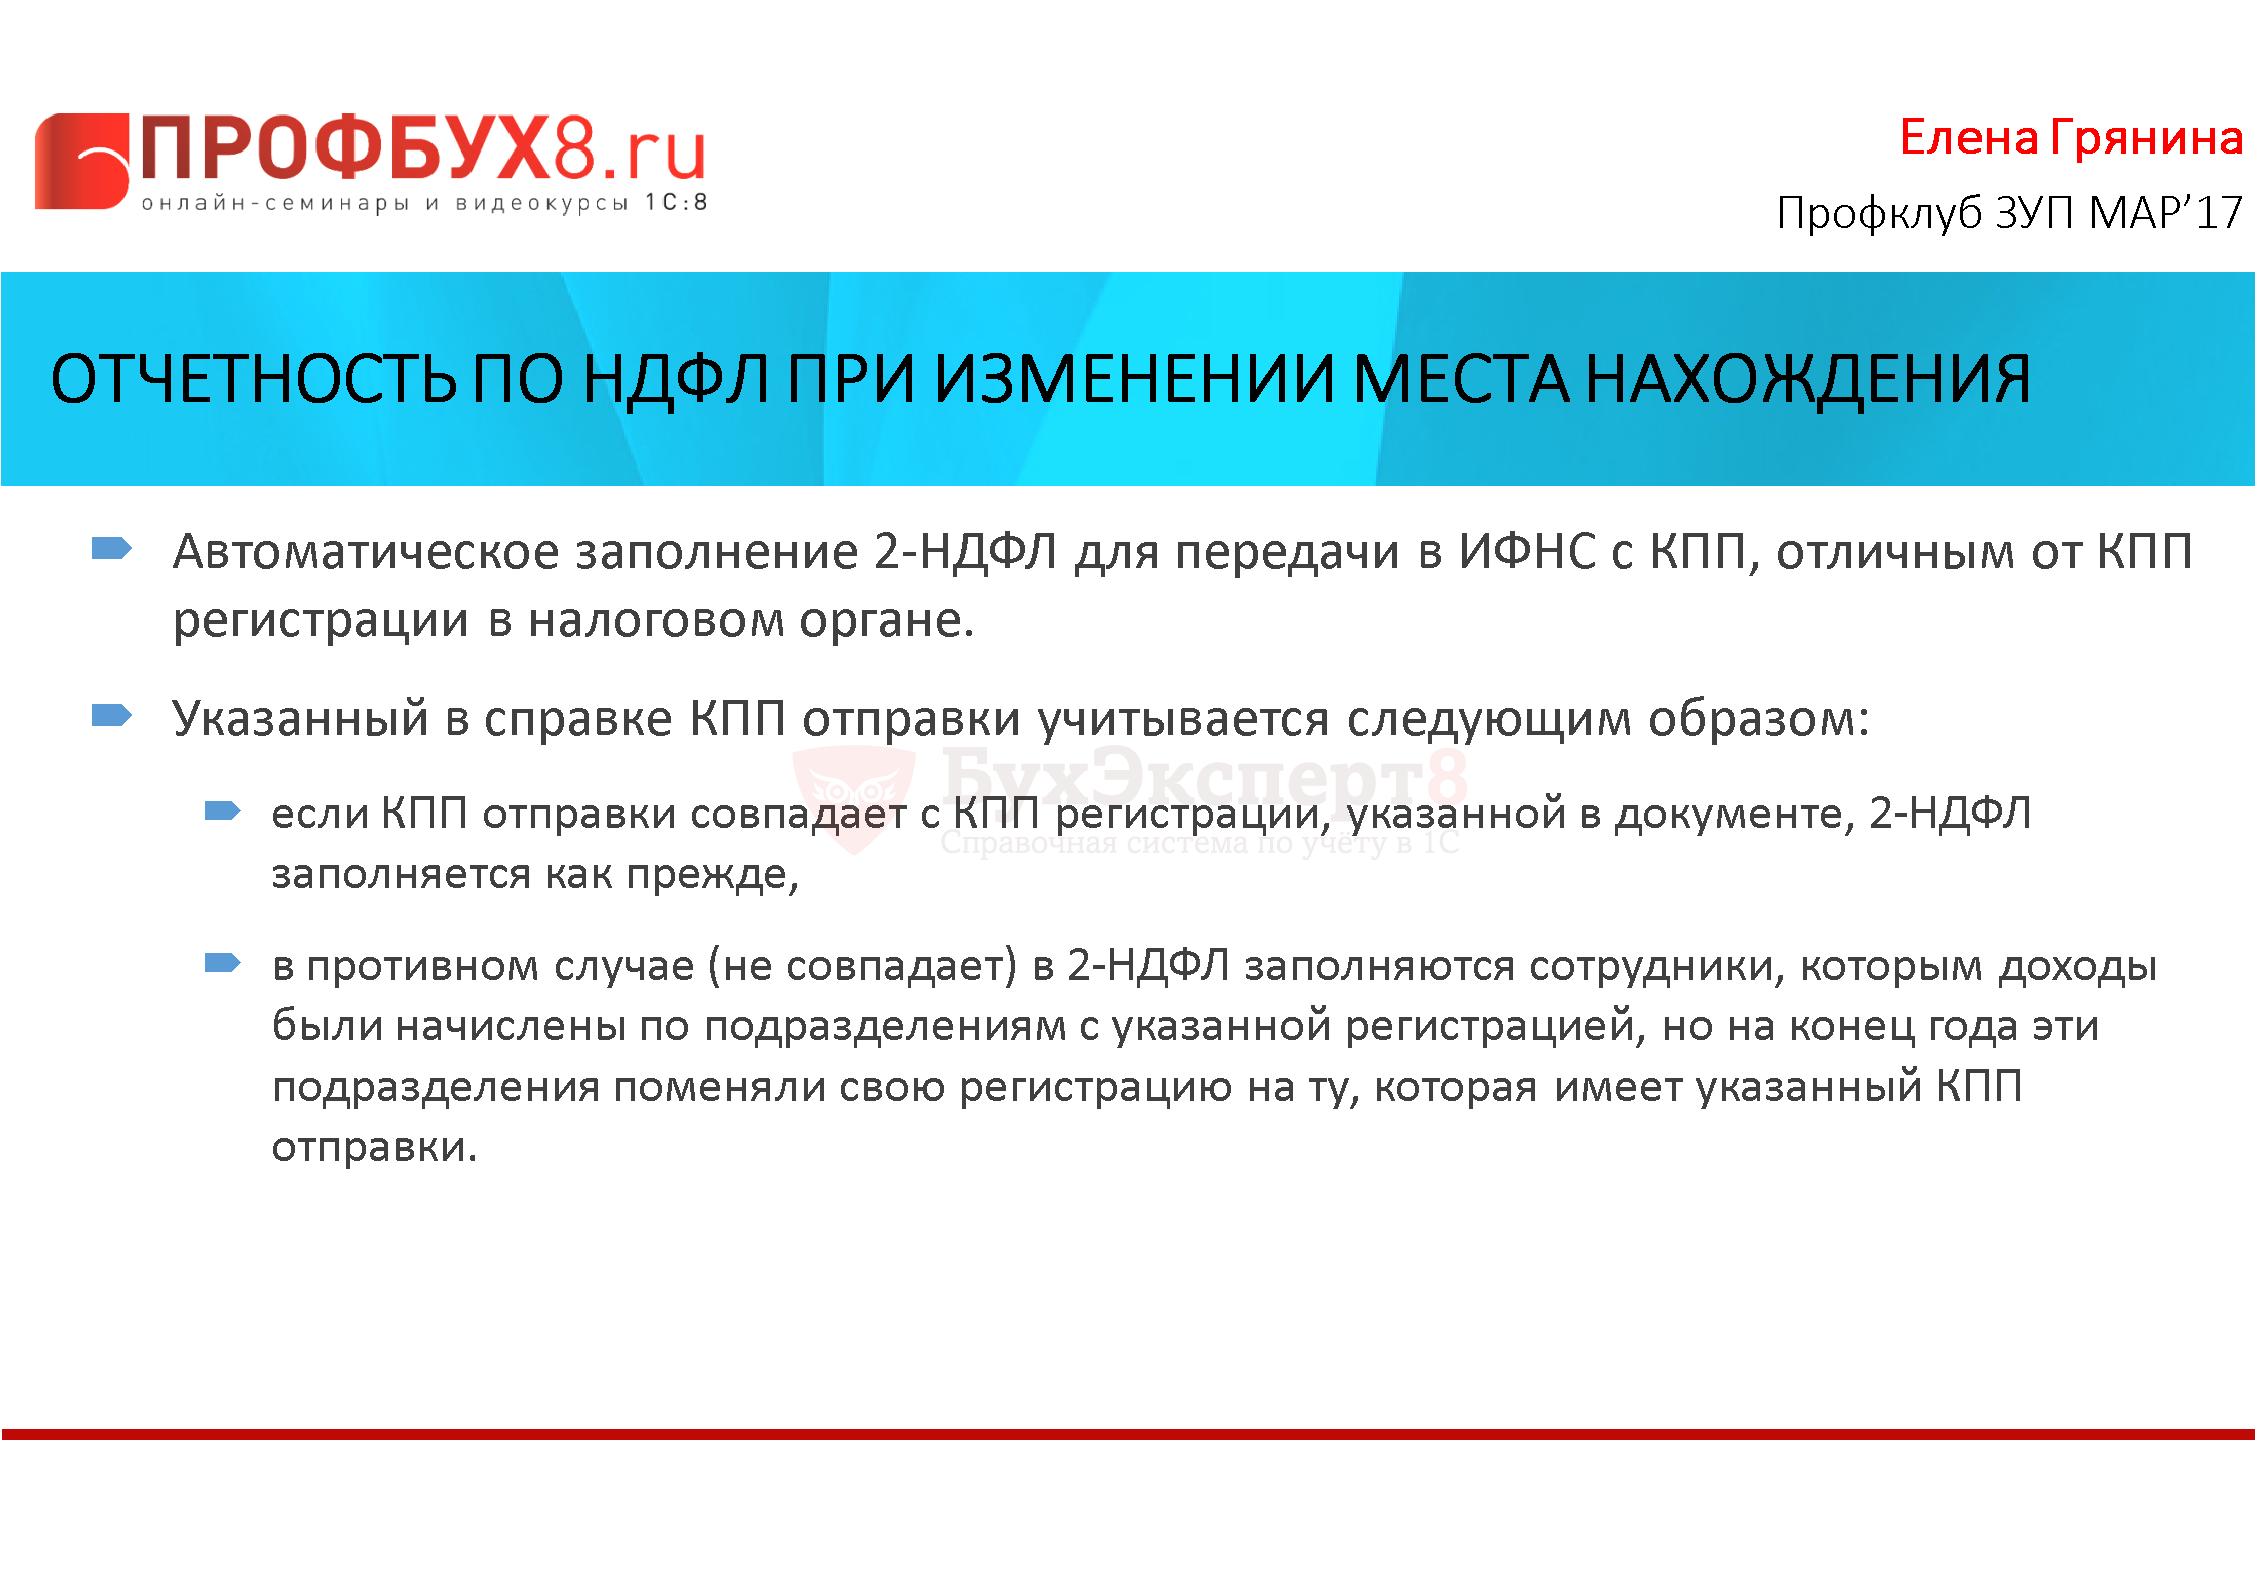 Отчетность по НДФЛ при изменении места нахождения Автоматическое заполнение 2-НДФЛ для передачи в ИФНС с КПП, отличным от КПП регистрации в налоговом органе. Указанный в справке КПП отправки учитывается следующим образом: если КПП отправки совпадает с КПП регистрации, указанной в документе, 2-НДФЛ заполняется как прежде, в противном случае (не совпадает) в 2-НДФЛ заполняются сотрудники, которым доходы были начислены по подразделениям с указанной регистрацией, но на конец года эти подразделения поменяли свою регистрацию на ту, которая имеет указанный КПП отправки